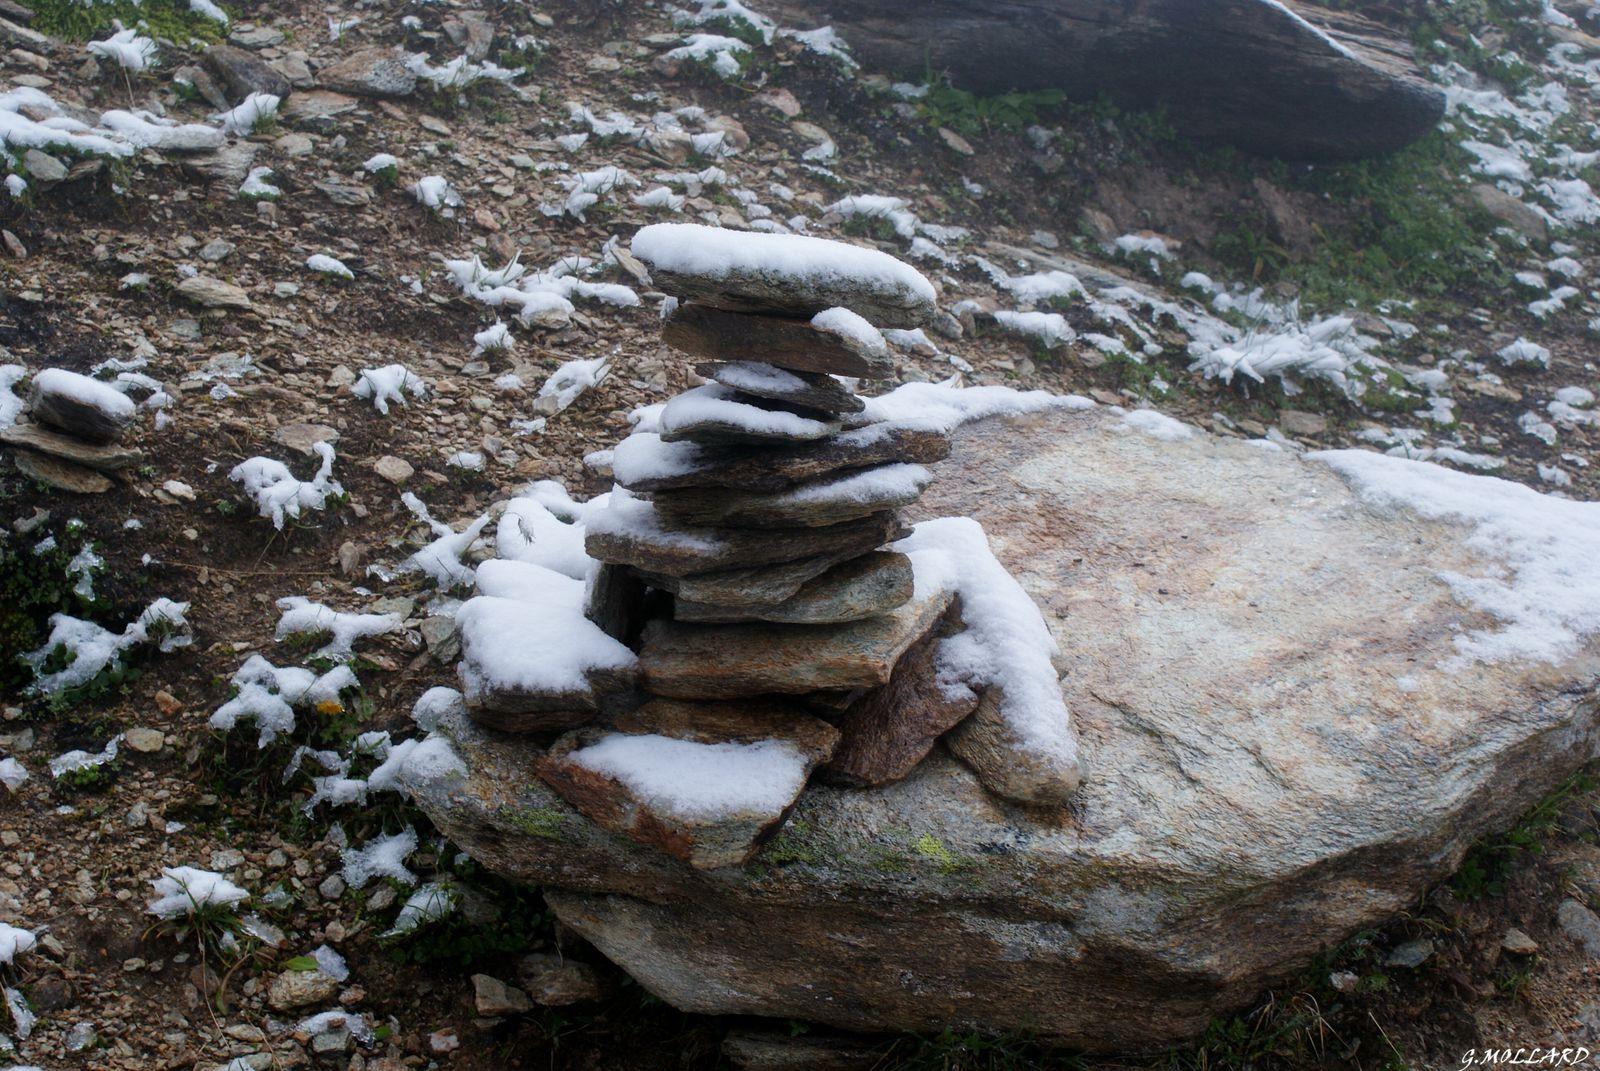 Cairn sous la neige fraiche.